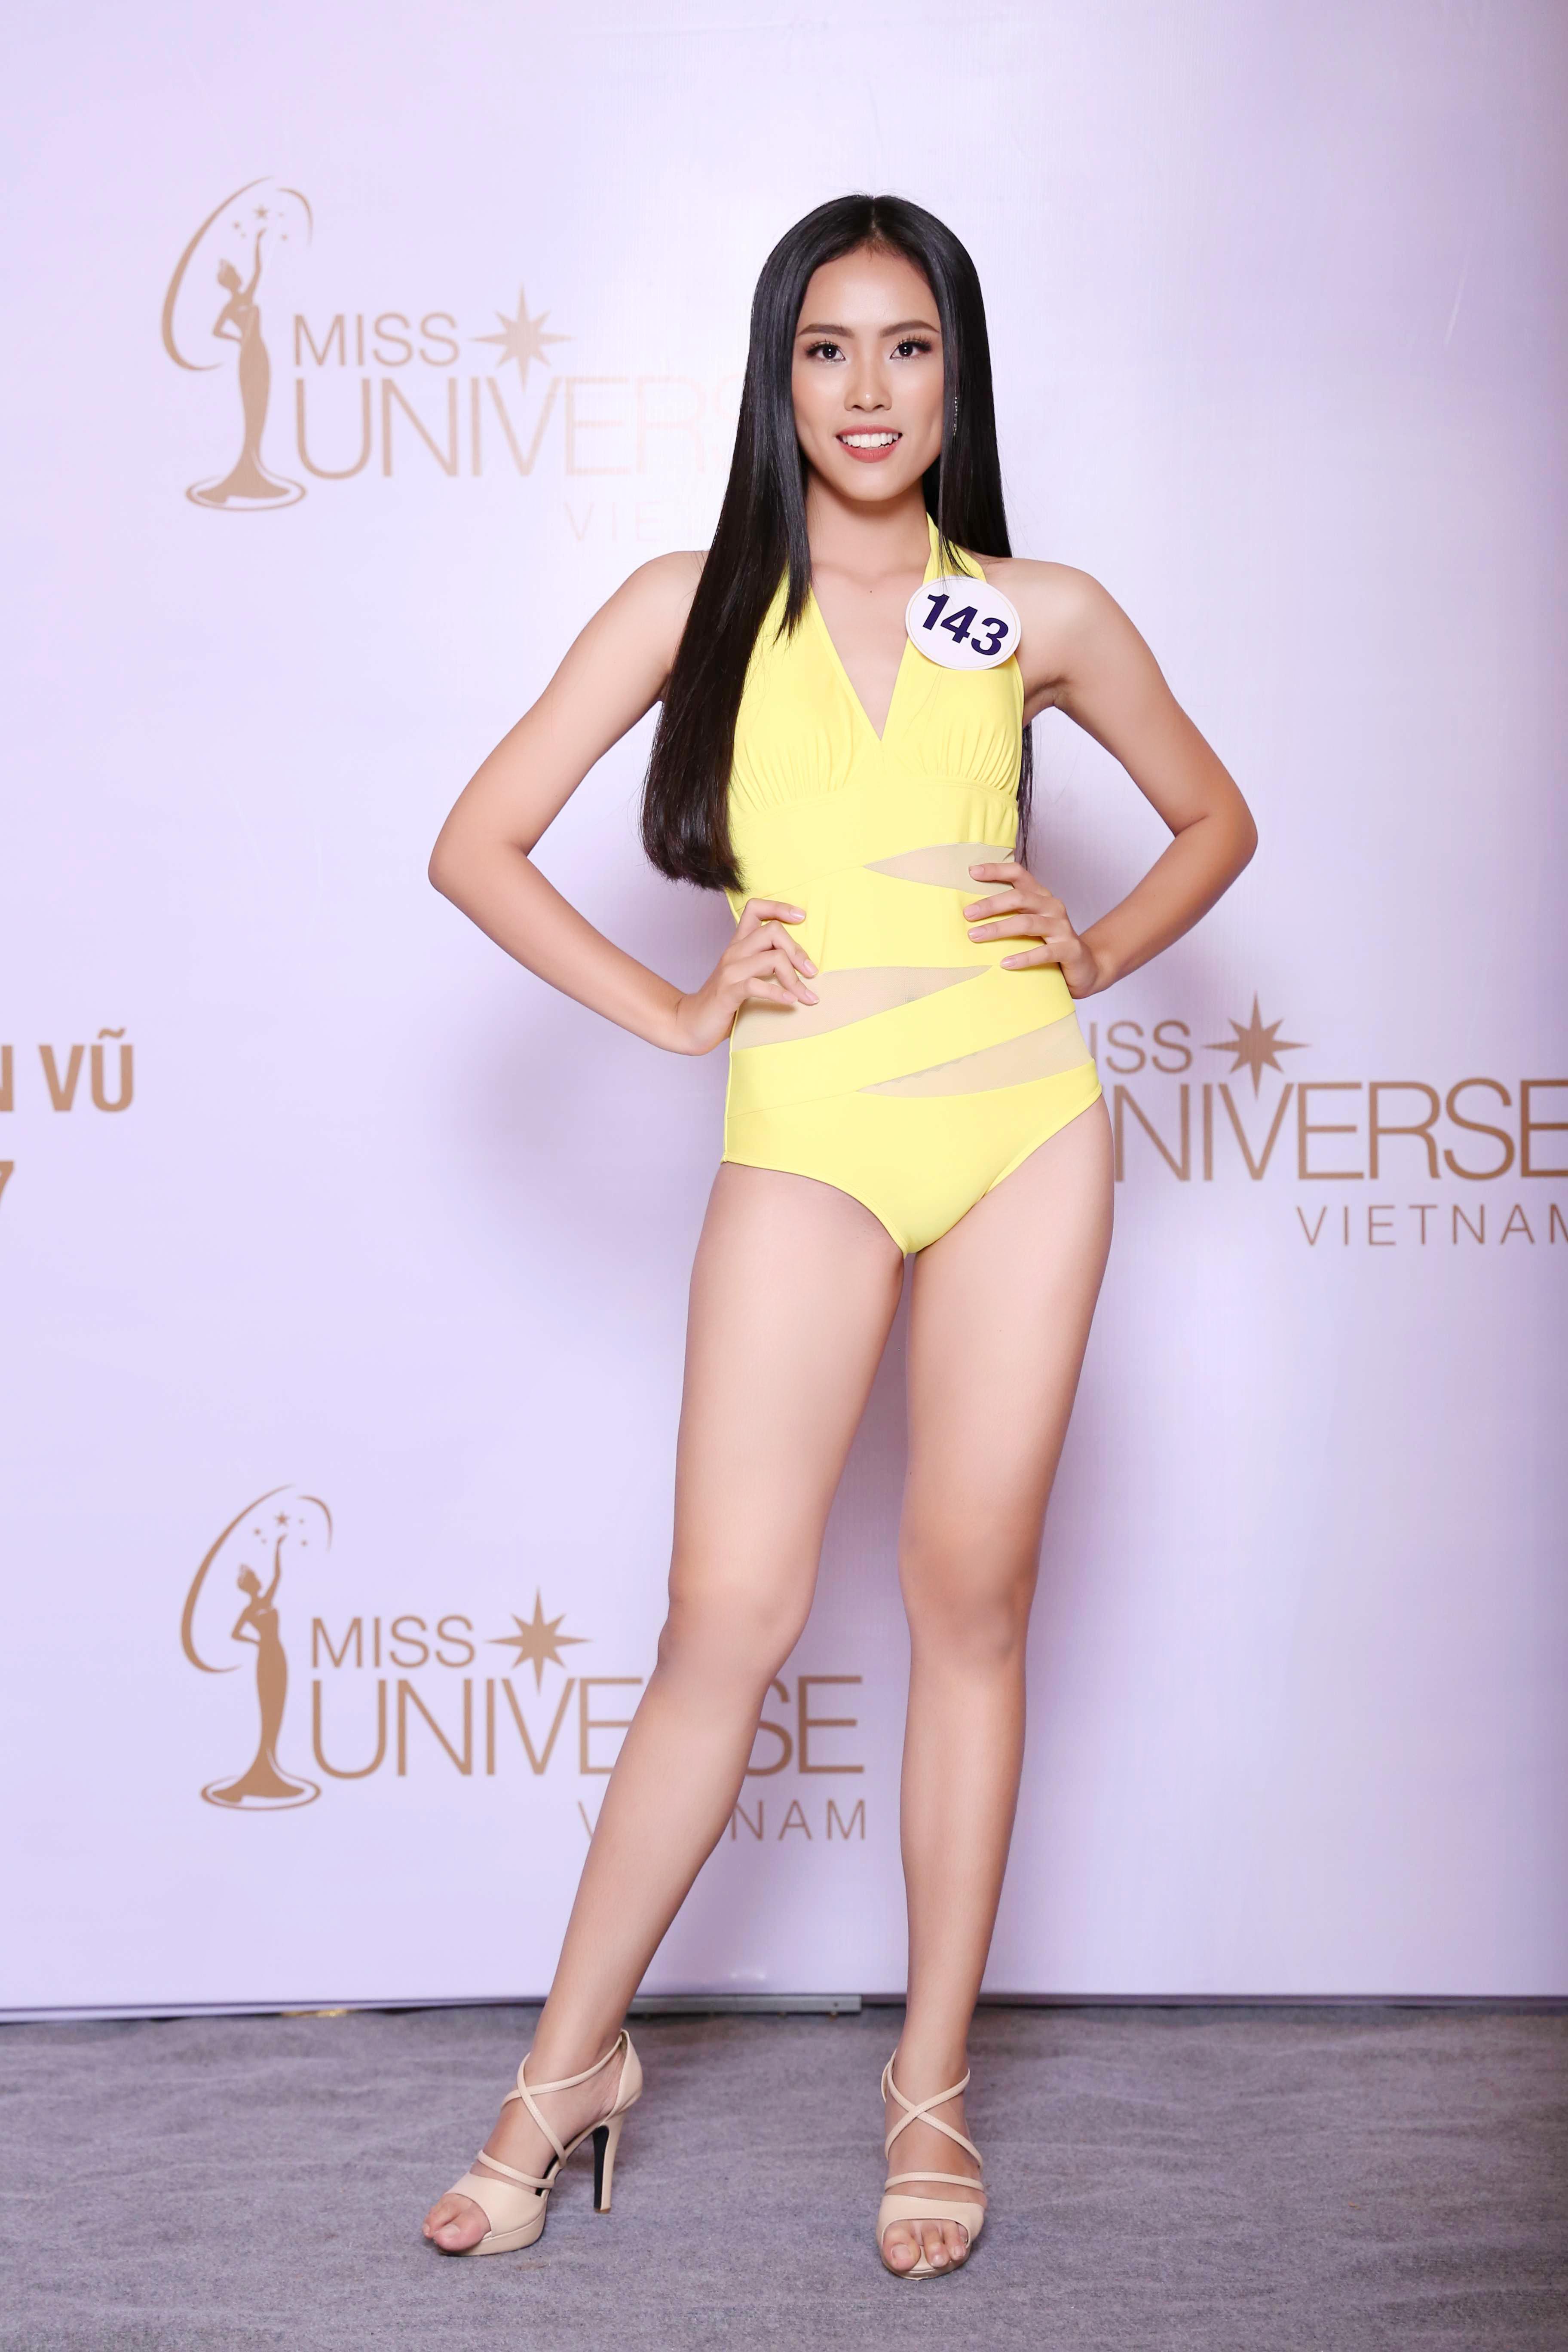 Cận cảnh hình ảnh bikini của Hoàng Thùy, Mâu Thủy, Mai Ngô... tại Hoa hậu Hoàn vũ, ai nuột nhất? - Ảnh 16.